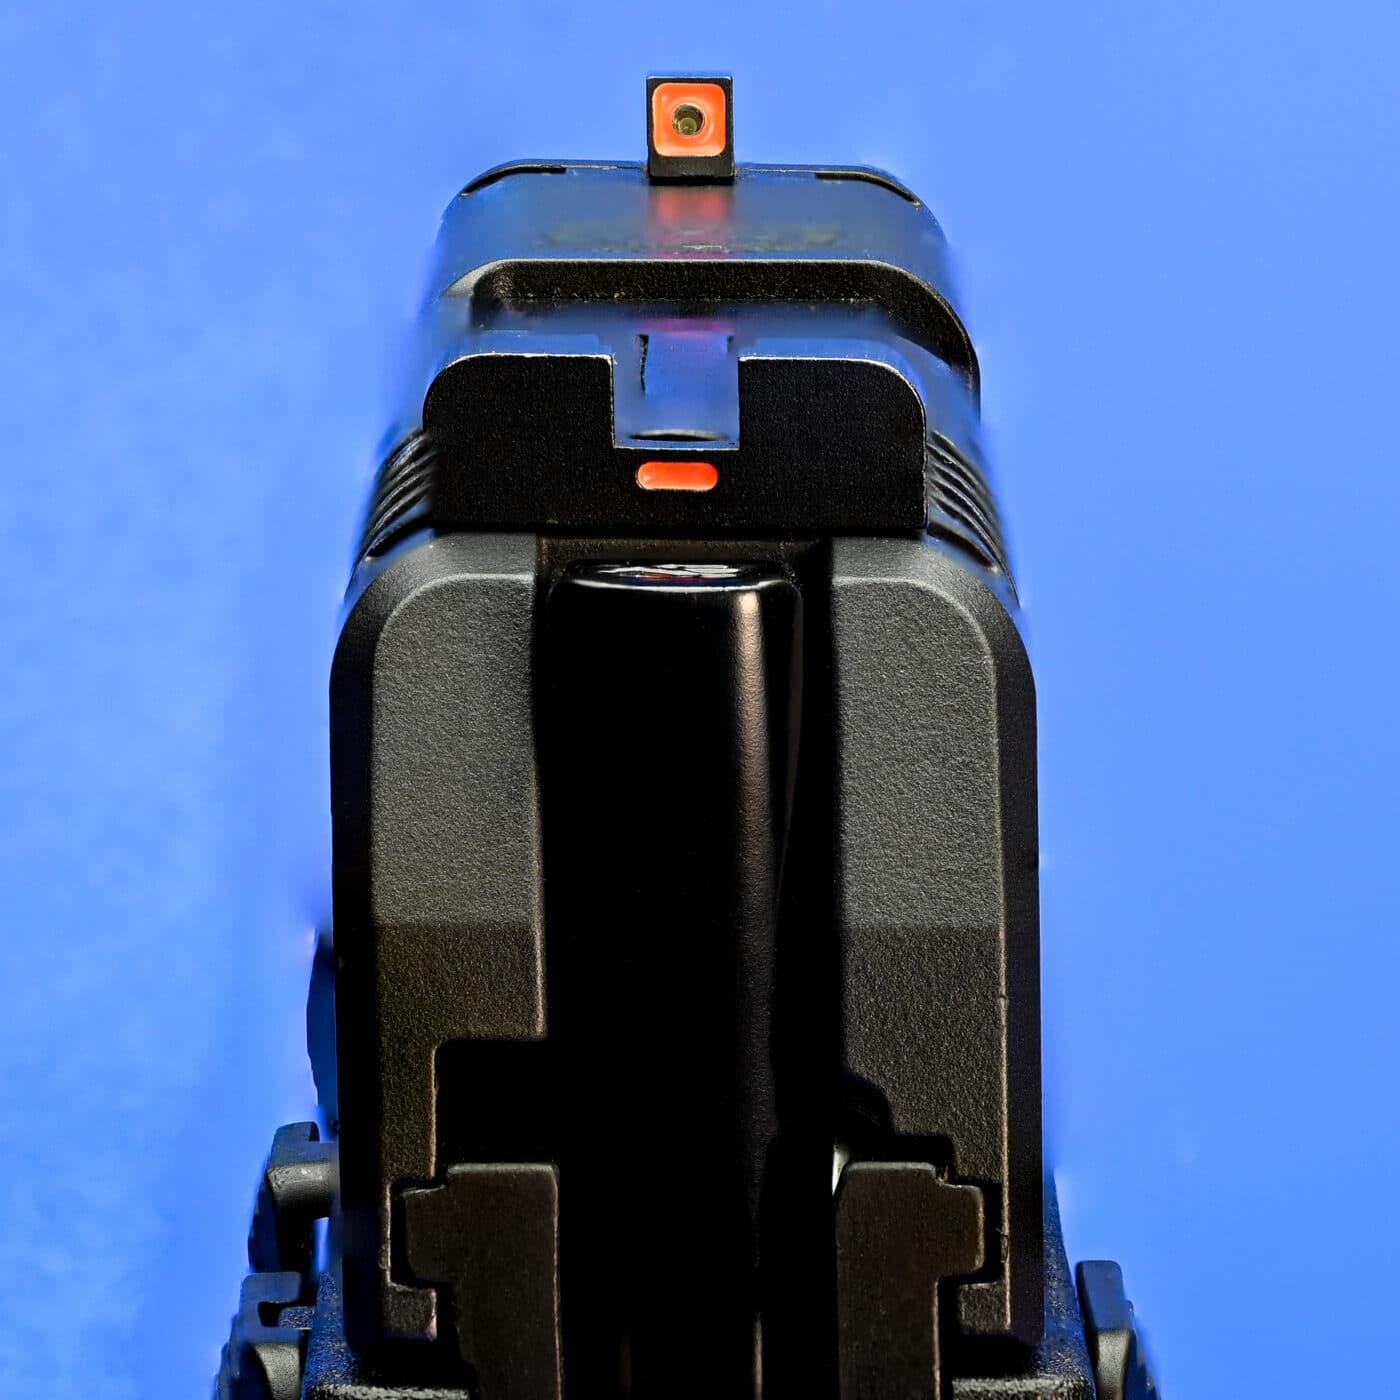 AmeriGlo sights on a pistol